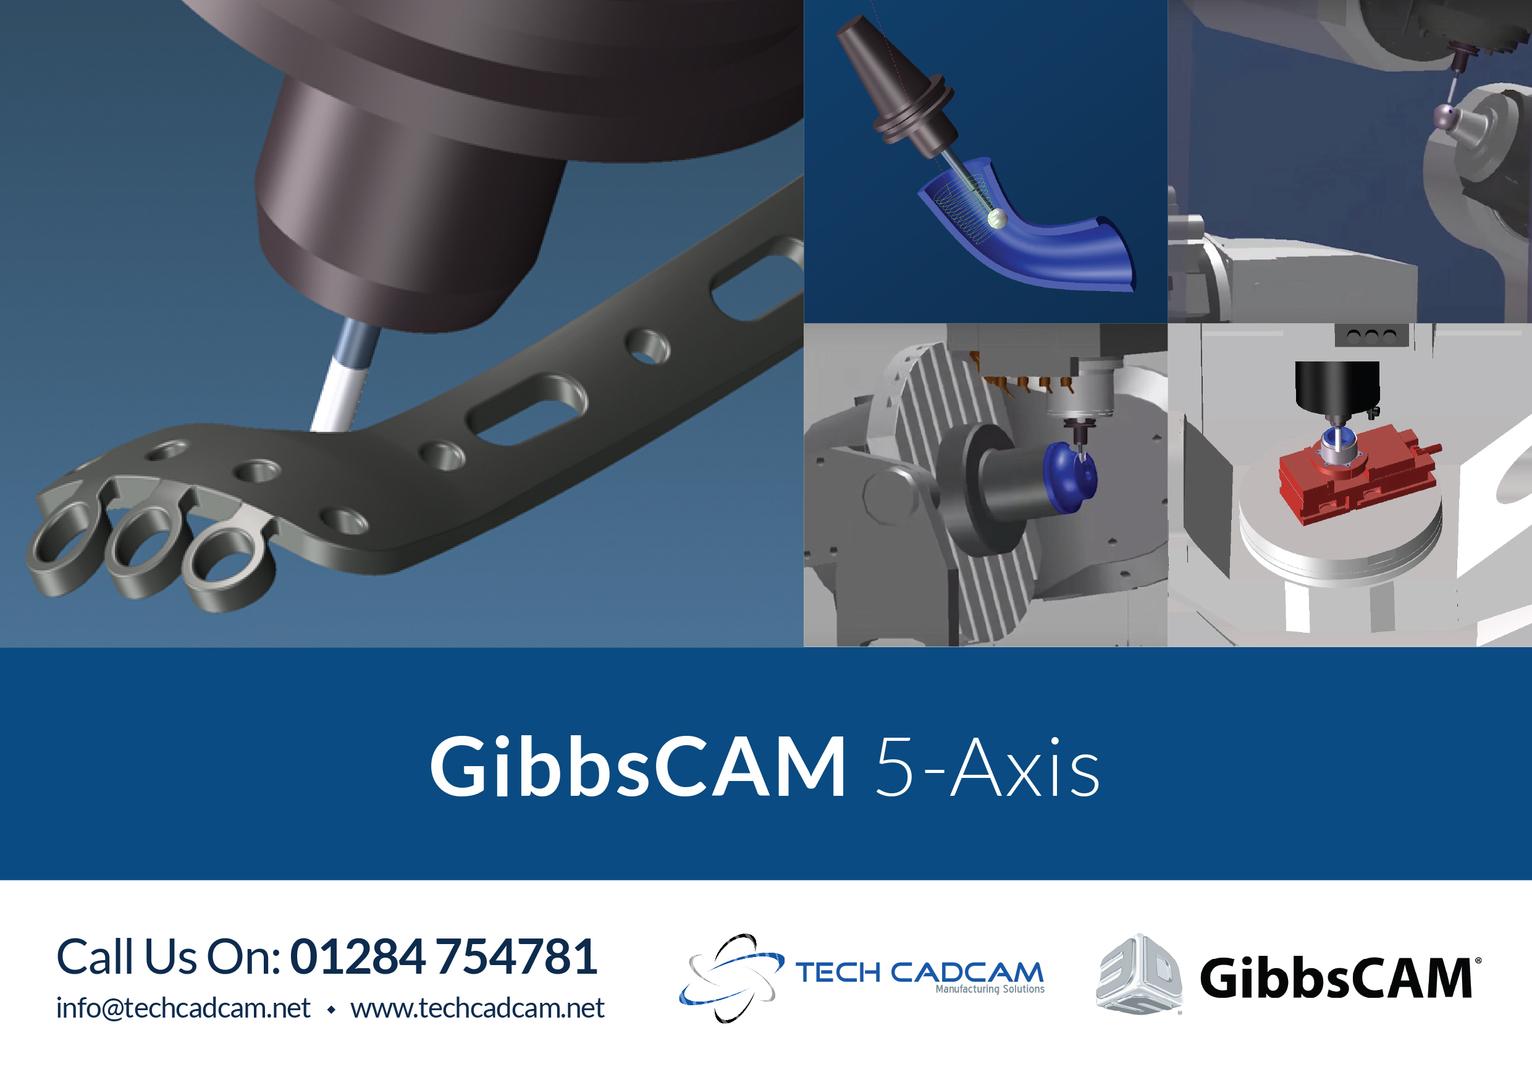 Tech CADCAM - Official UK GibbsCAM Software Reseller